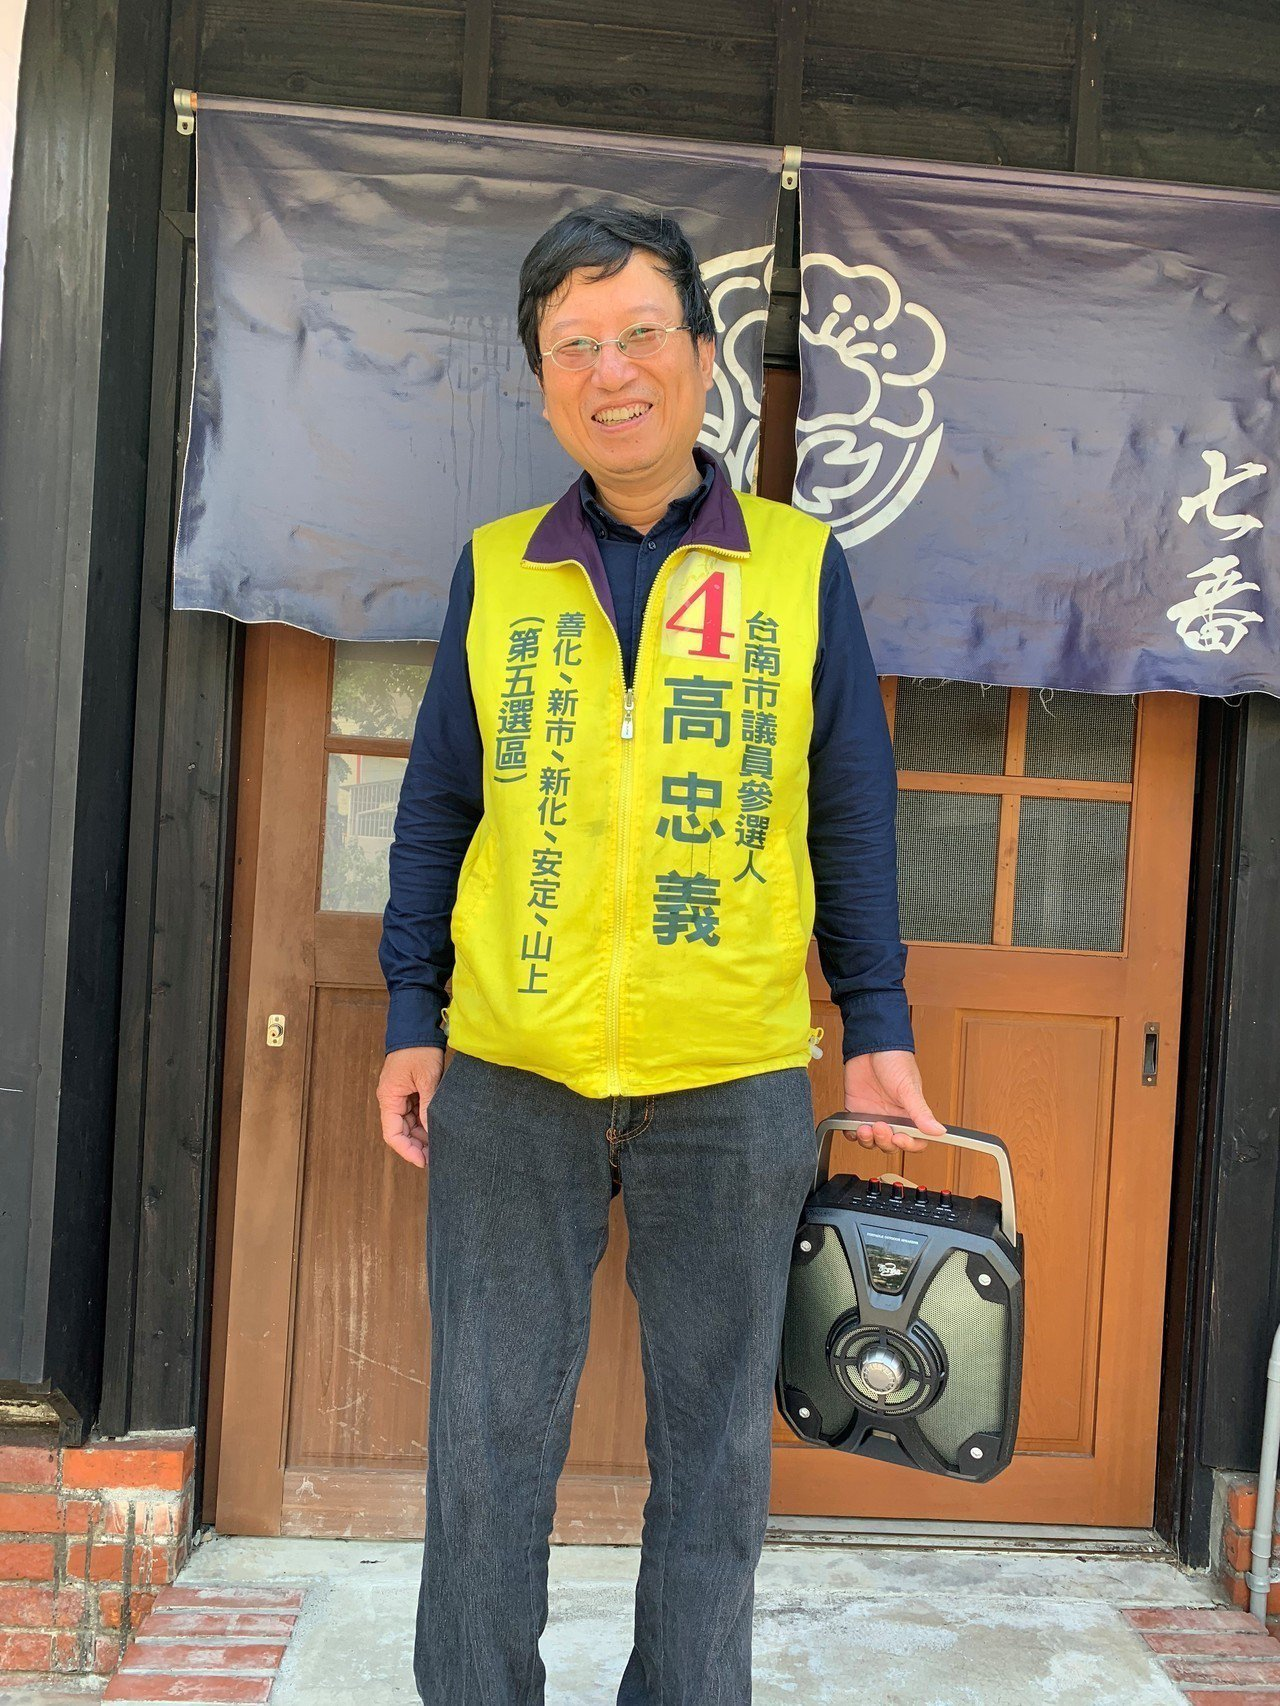 無黨籍台南市議員候選人高忠義提著一台擴音器,單槍匹馬站街頭宣傳。記者吳淑玲/攝影